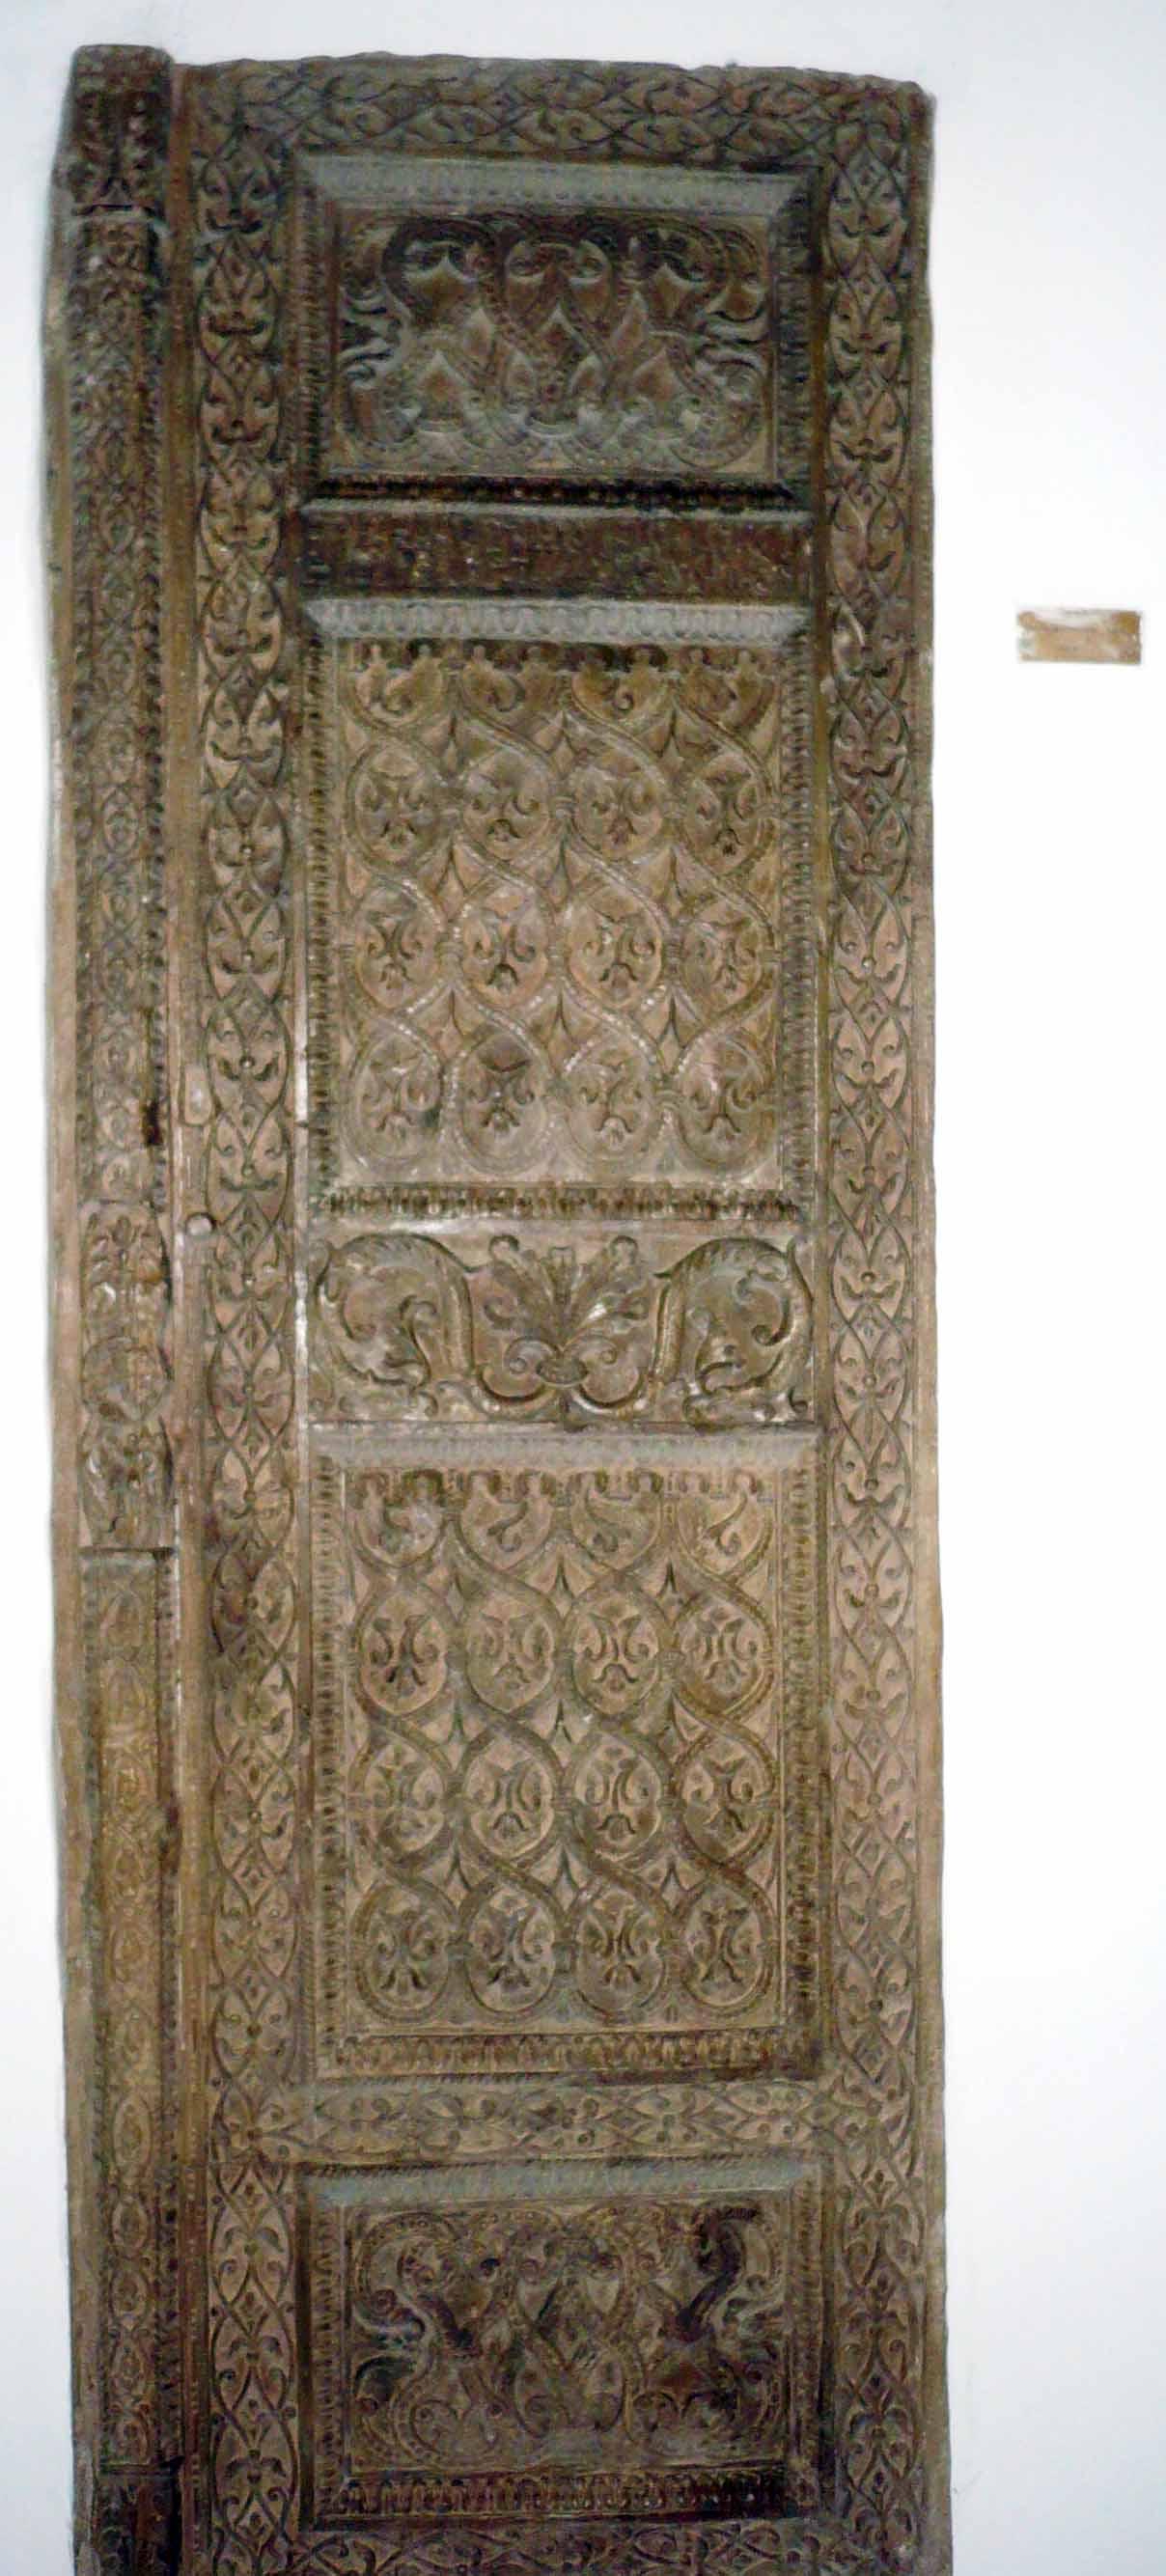 Foae de uşă din epoca lui Conastantin Brâncoveanu, construită în timpul funcţiei sale de logofăt.